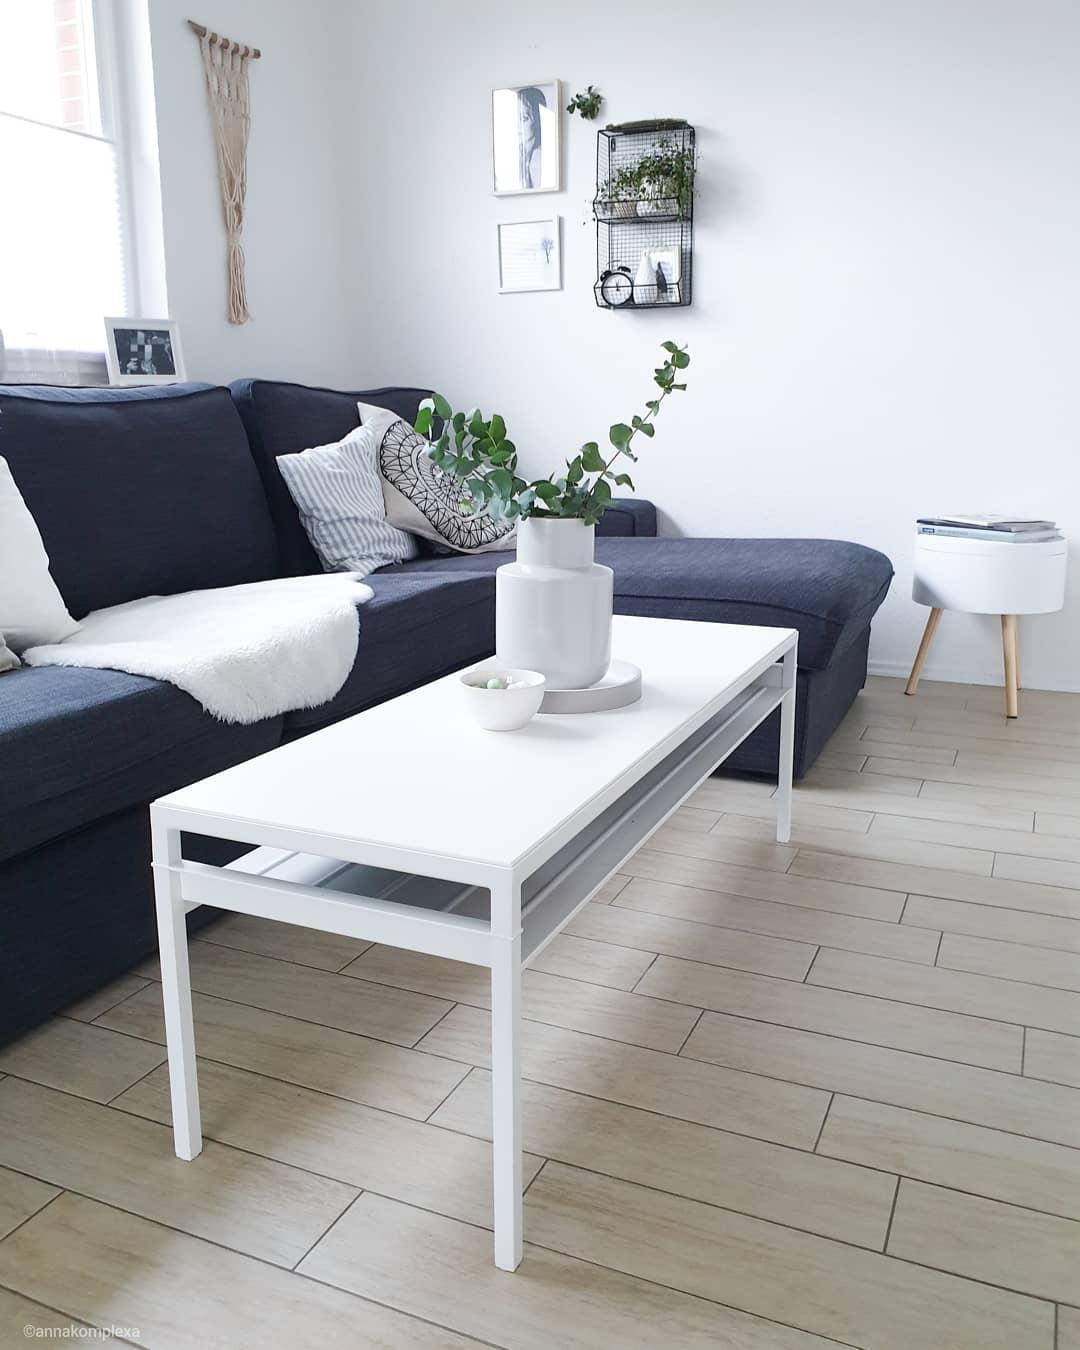 wohnzimmer #wohnen #wohnideen #couch #style #schöne...